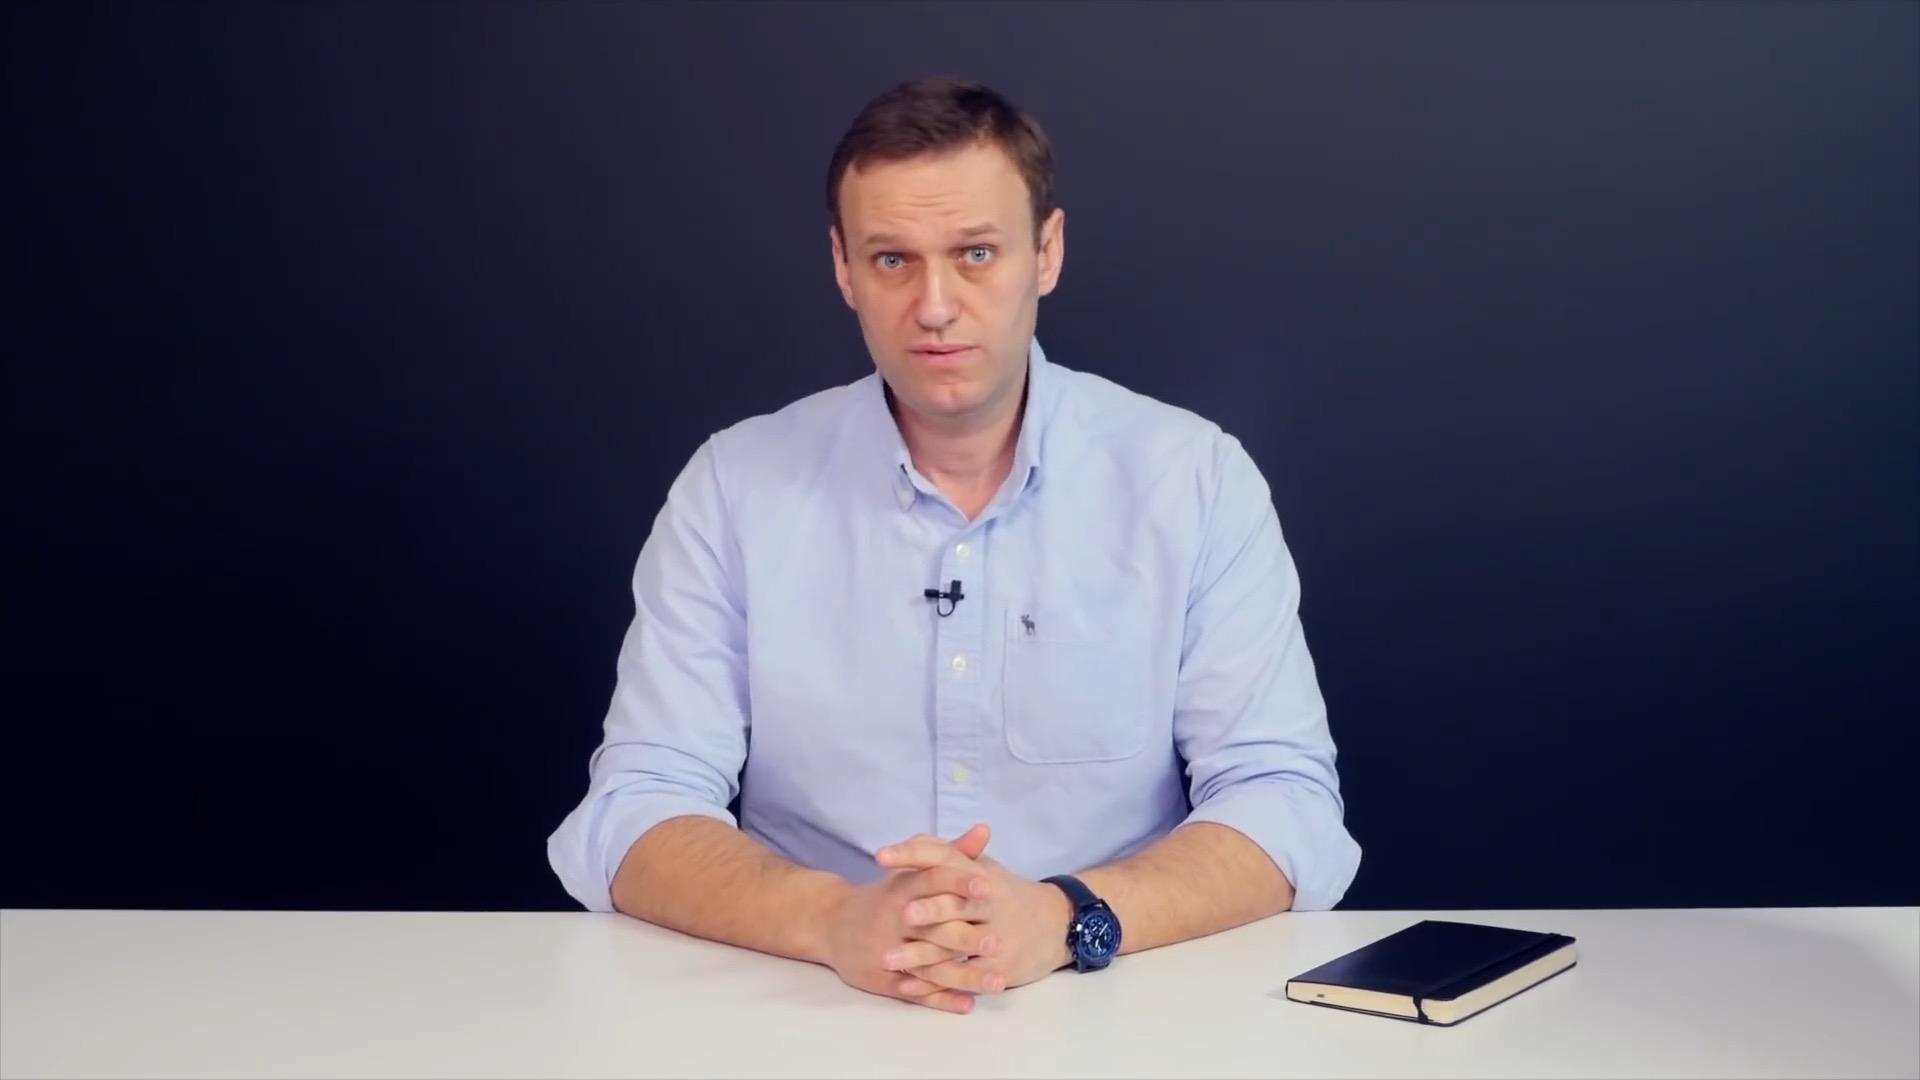 Ruská cenzura blokuje stránky Navalného. Zveřejnil kompromitující materiály na vicepremiéra Prichoďka